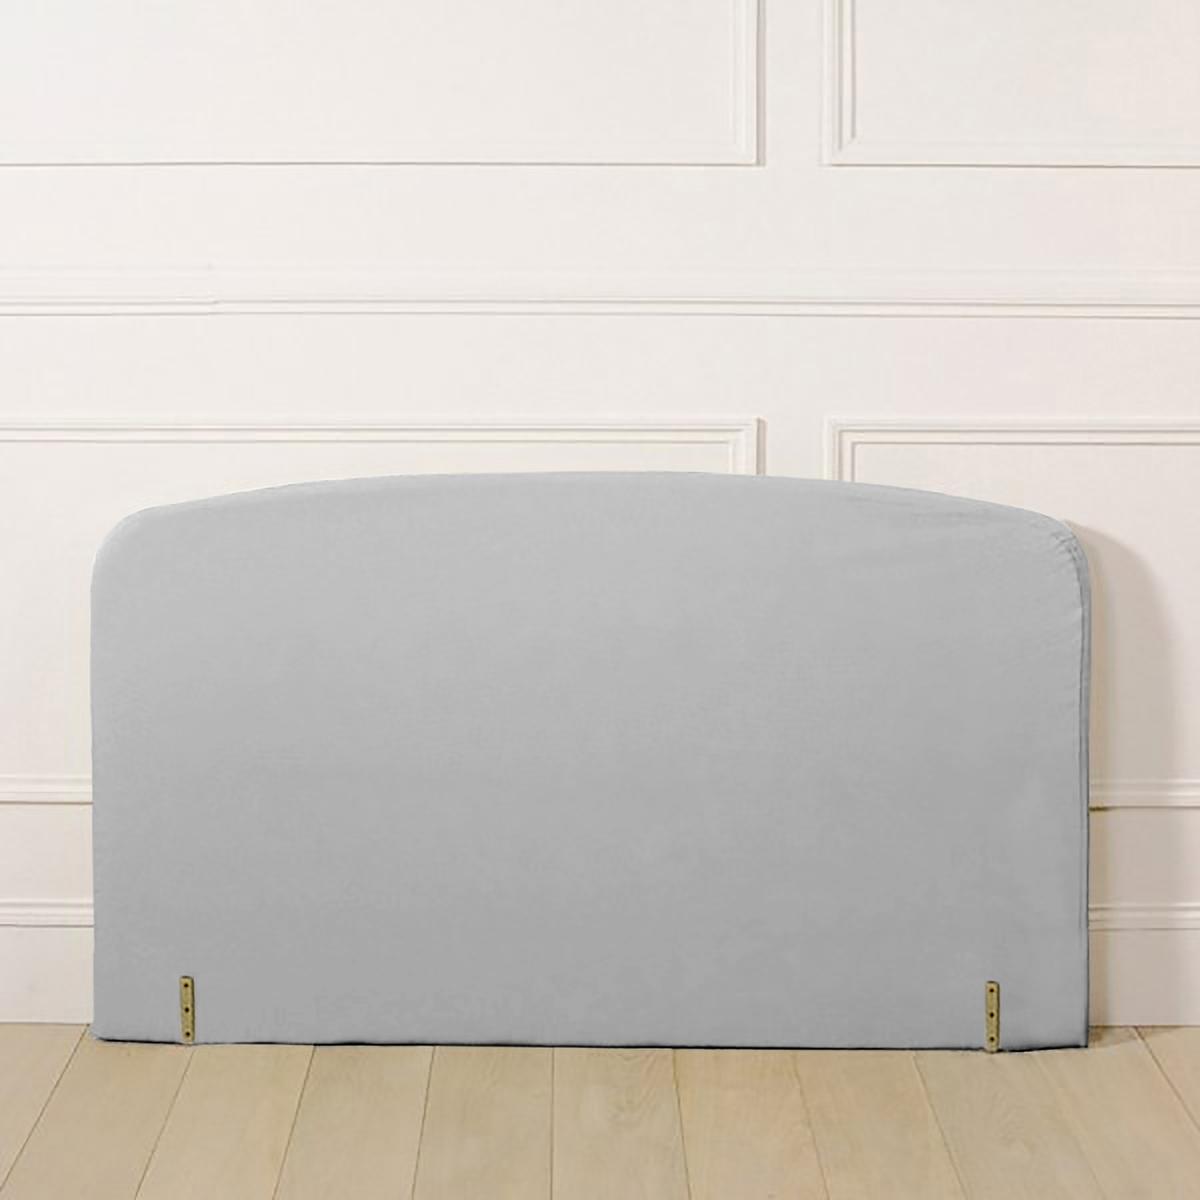 Чехол La Redoute Для изголовья кровати изогнутой формы из поликоттона 90 x 85 см серый